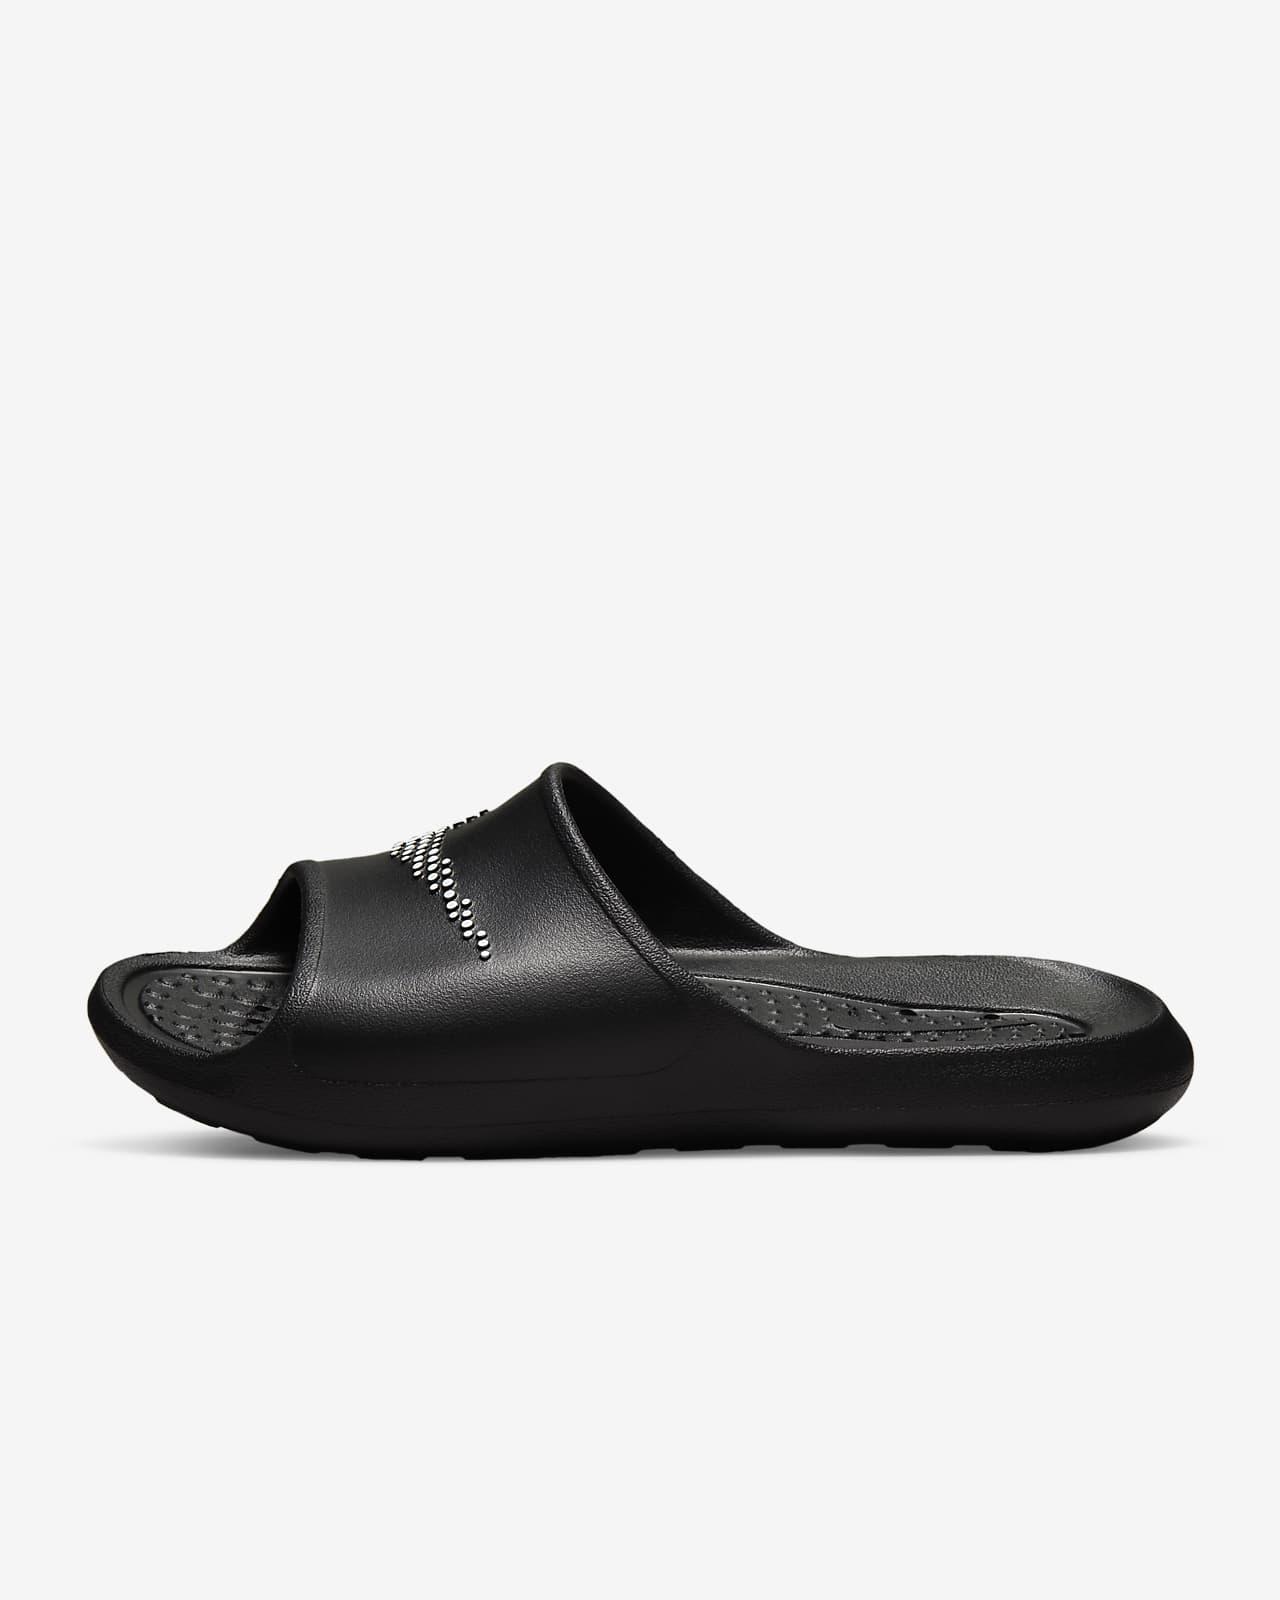 Nike Victori One Shower Slide 男子拖鞋